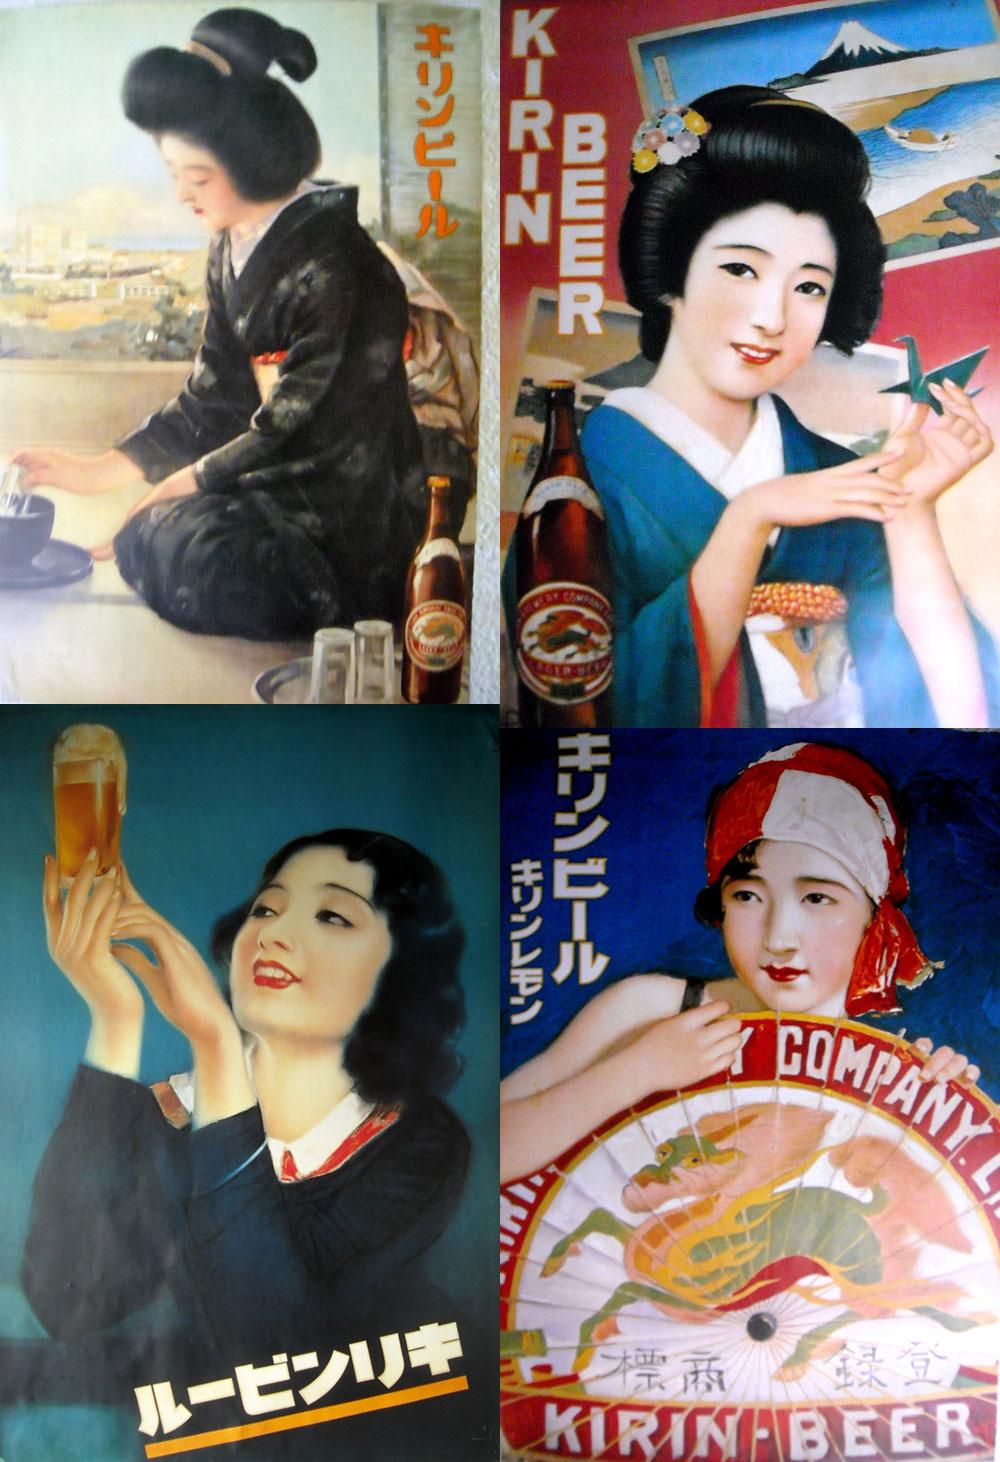 ビール広告ポスター